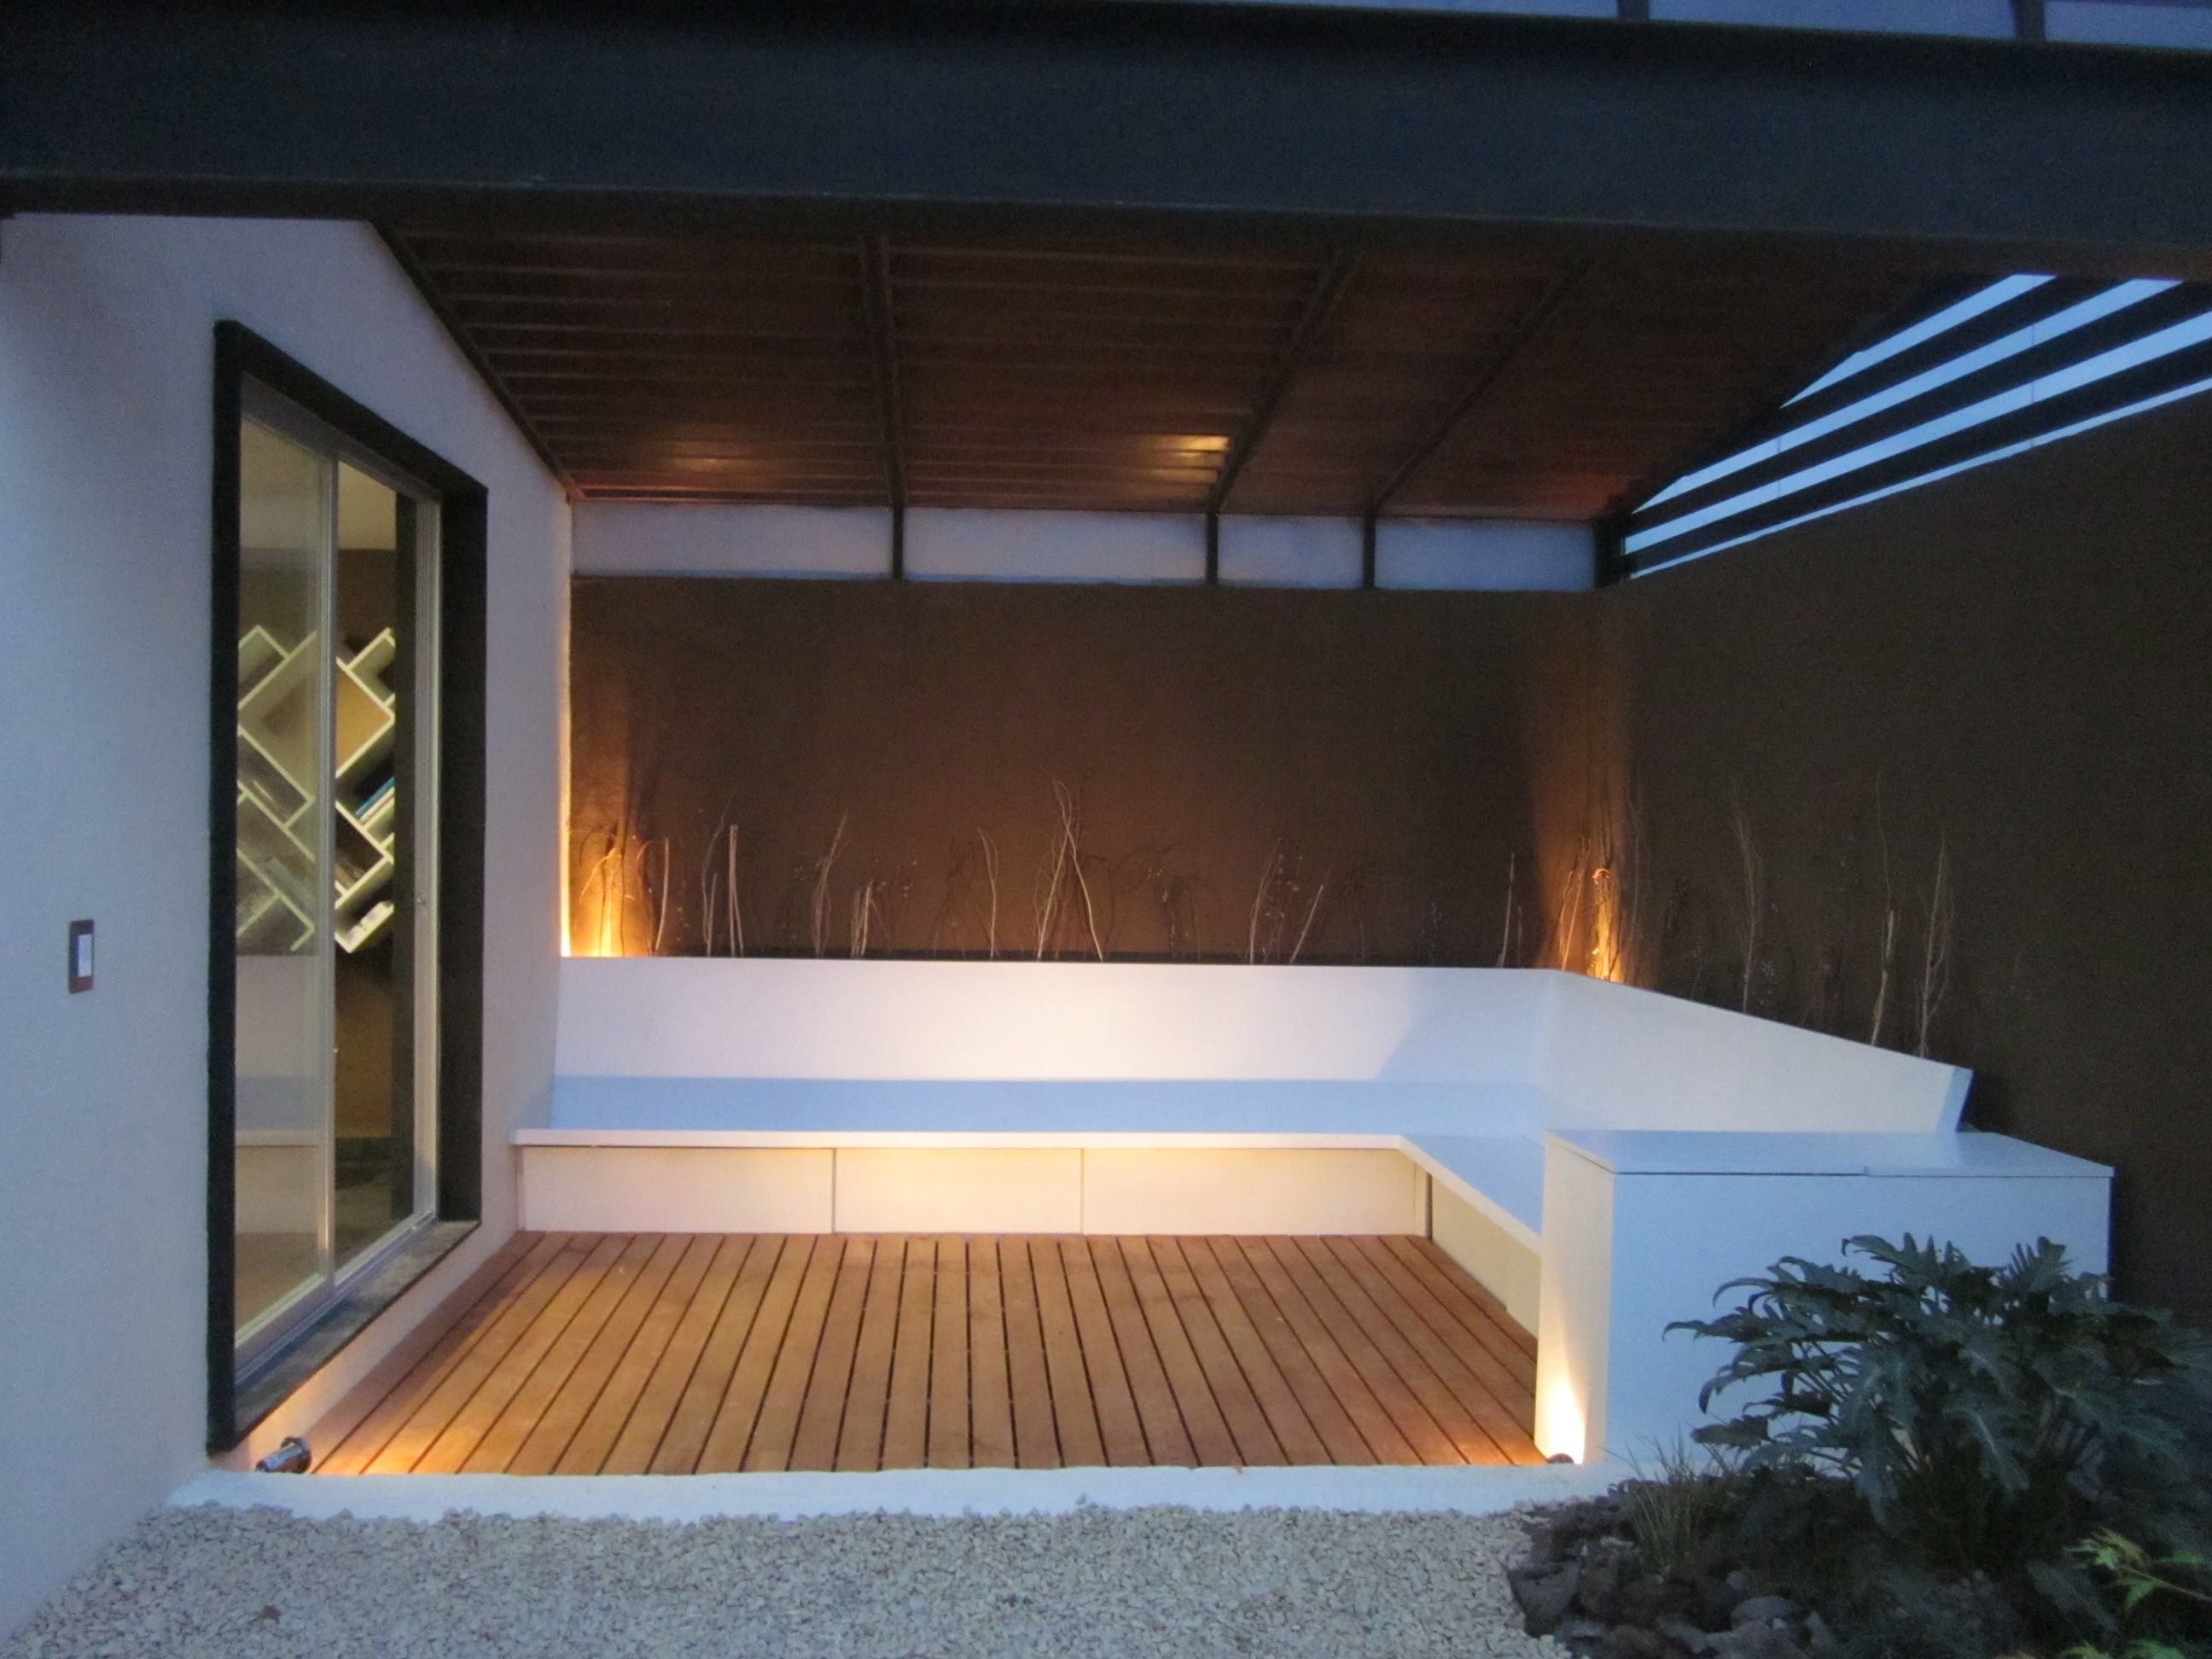 La terraza con roof garden colores en contraste la pureza - Terrazas en madera ...